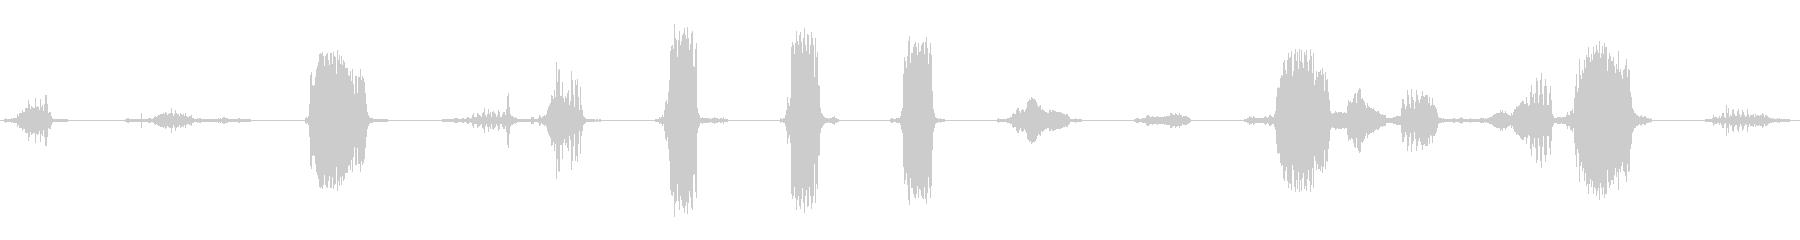 さまざまなシングルシープブリーツの未再生の波形